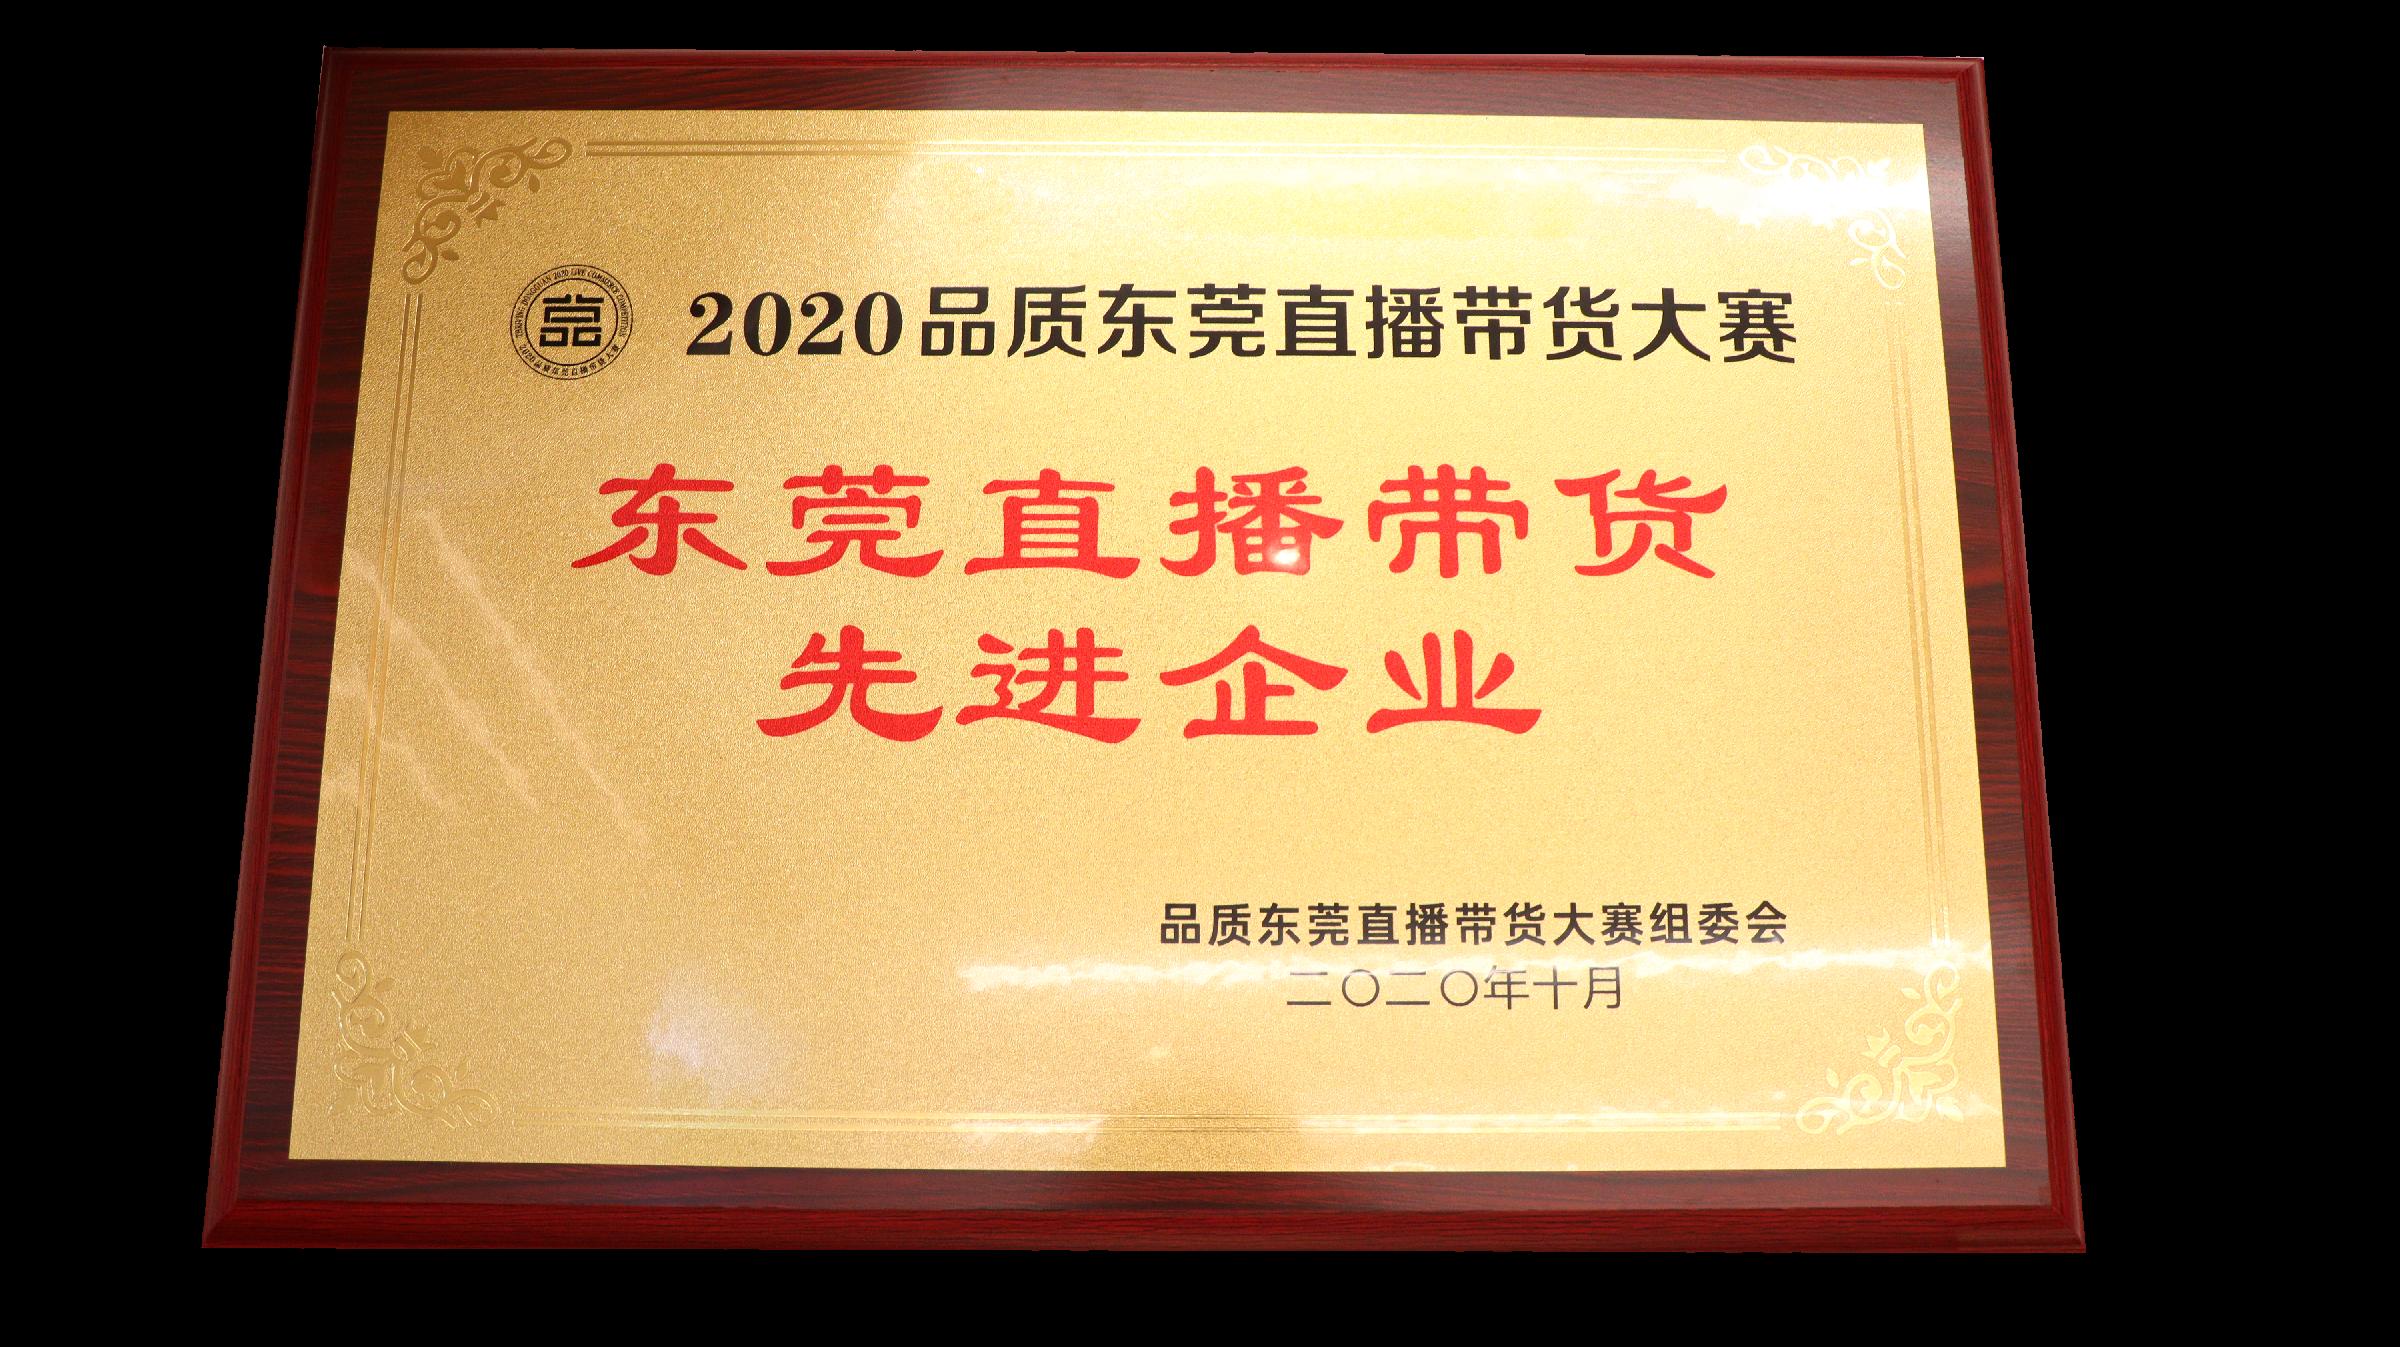 广东嘉友食品有限公司荣获东莞直播带货先进企业